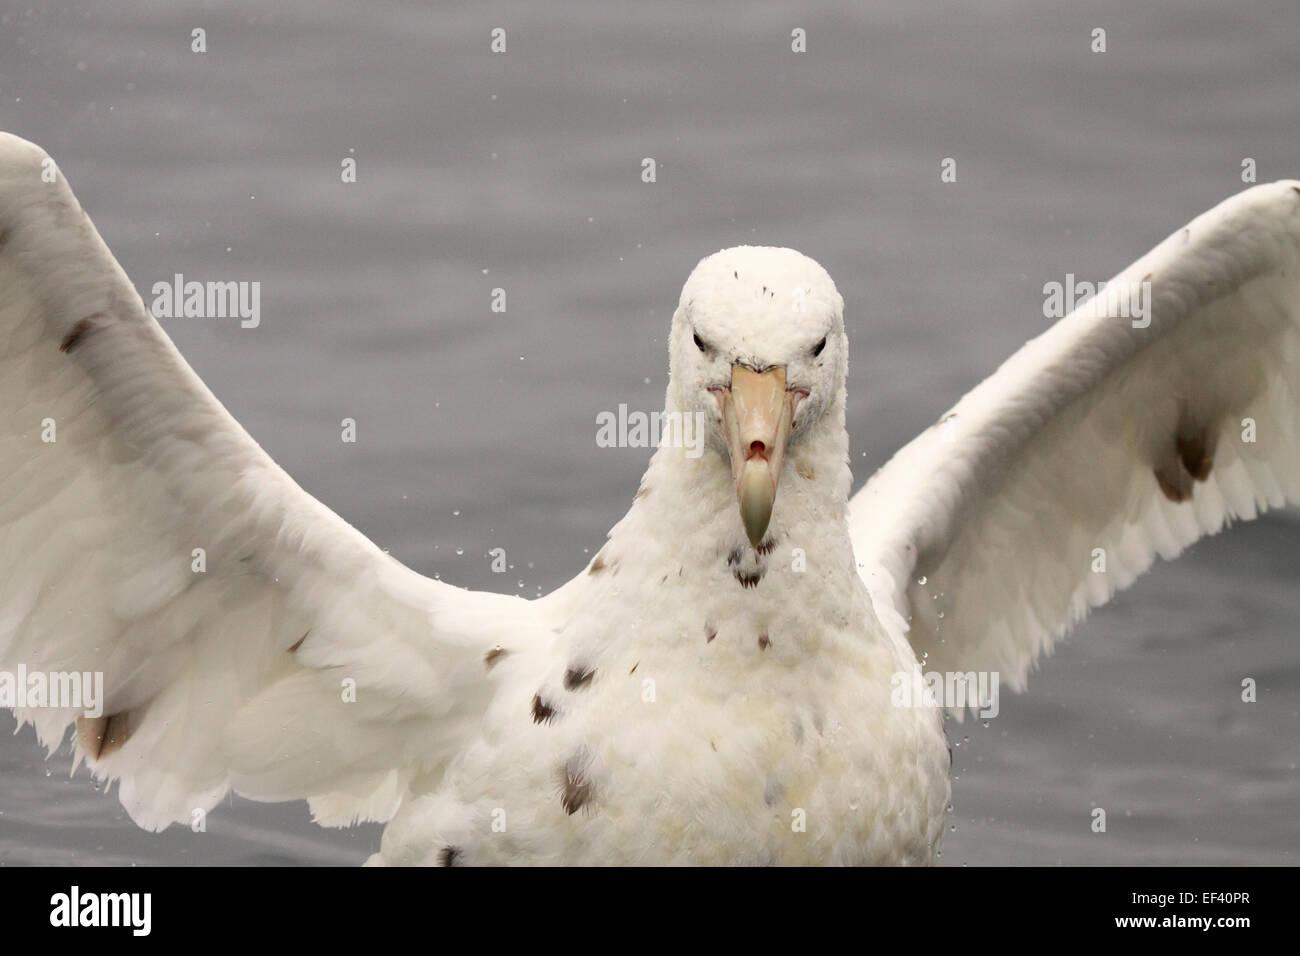 Un albino Petrel Gigante del Sur elevando sus alas en una pantalla de amenazas. Imagen De Stock